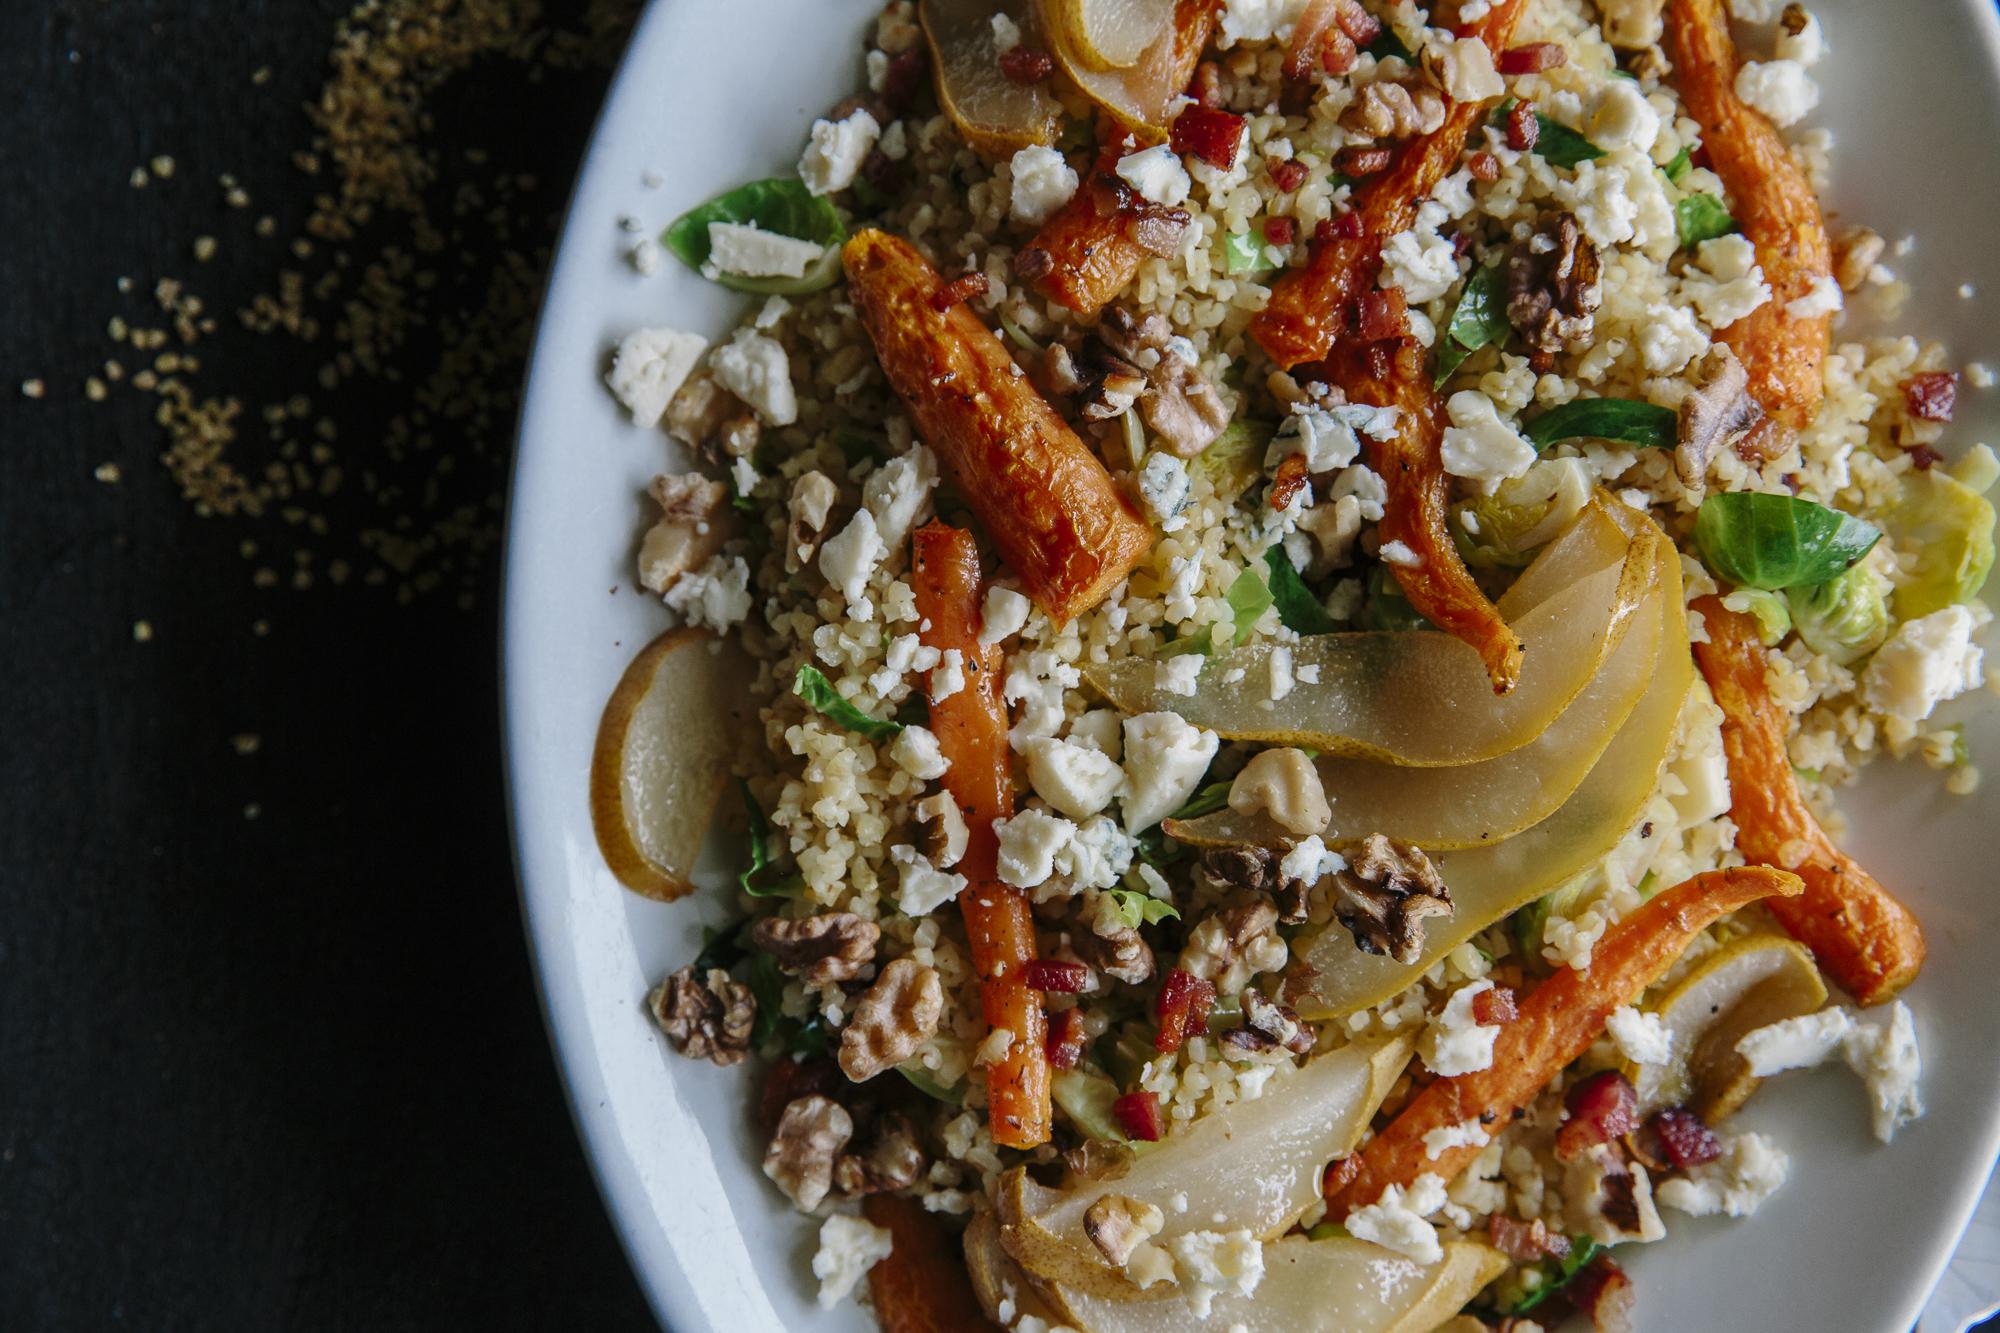 mitsides-bulgur-wheat-salad-7009